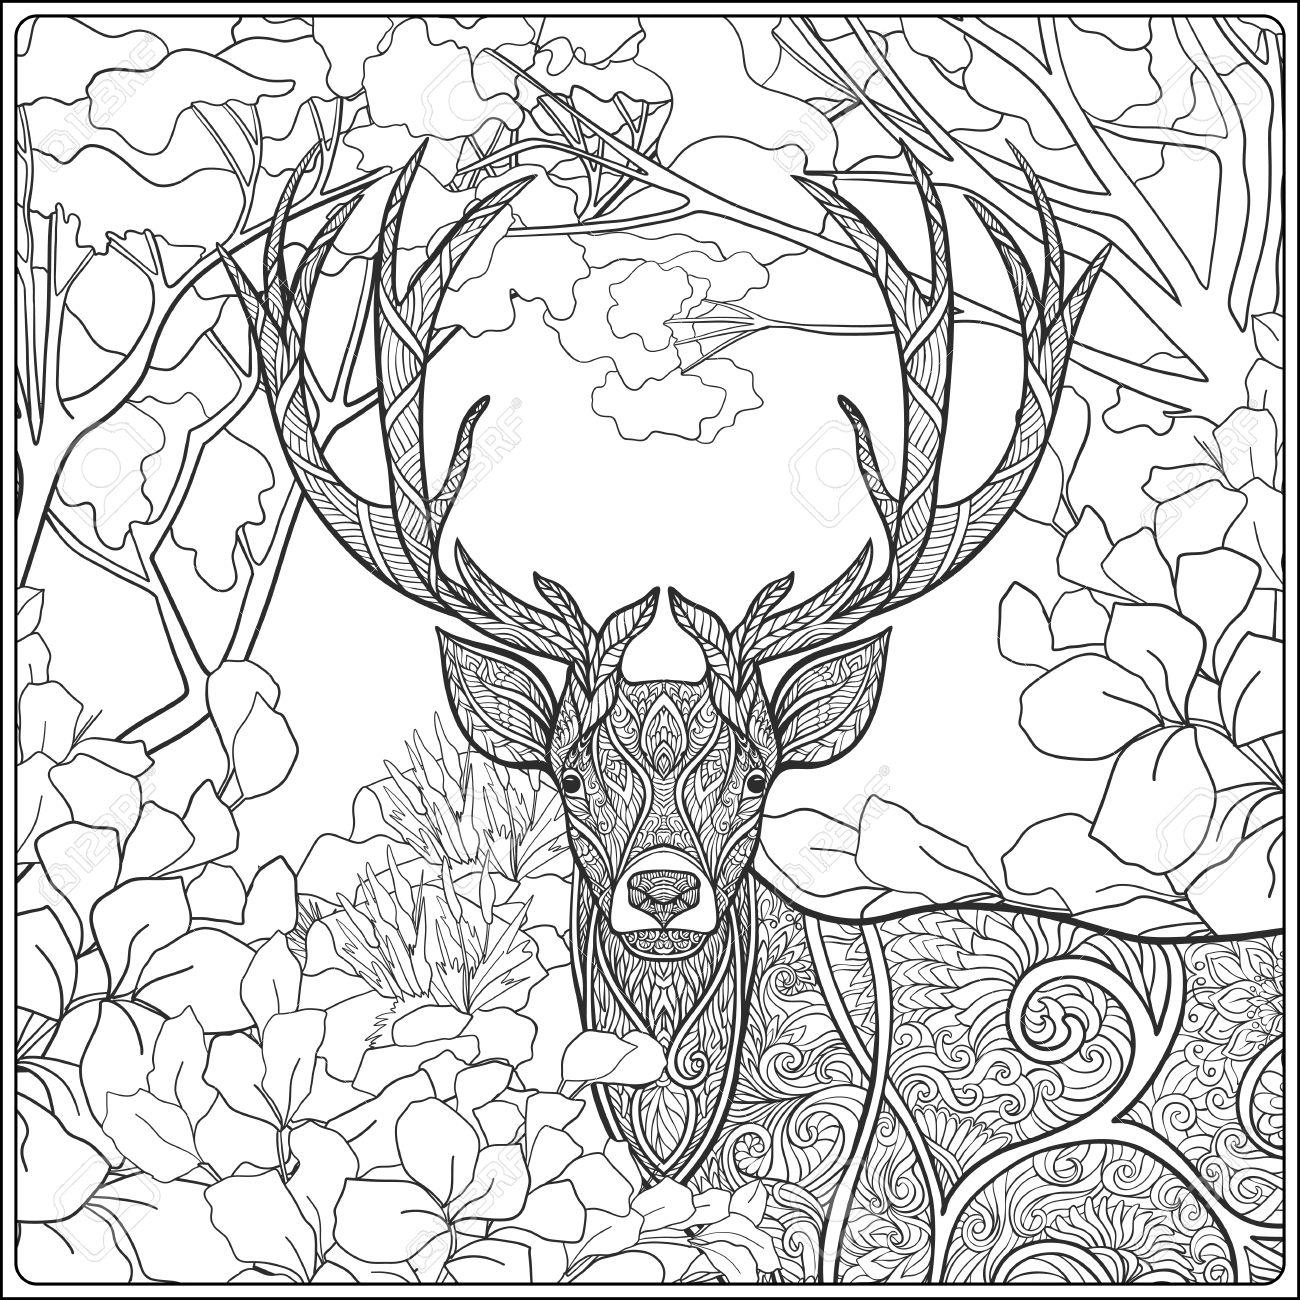 Lujoso Páginas Para Colorear De Ciervos Ornamento - Dibujos Para ...